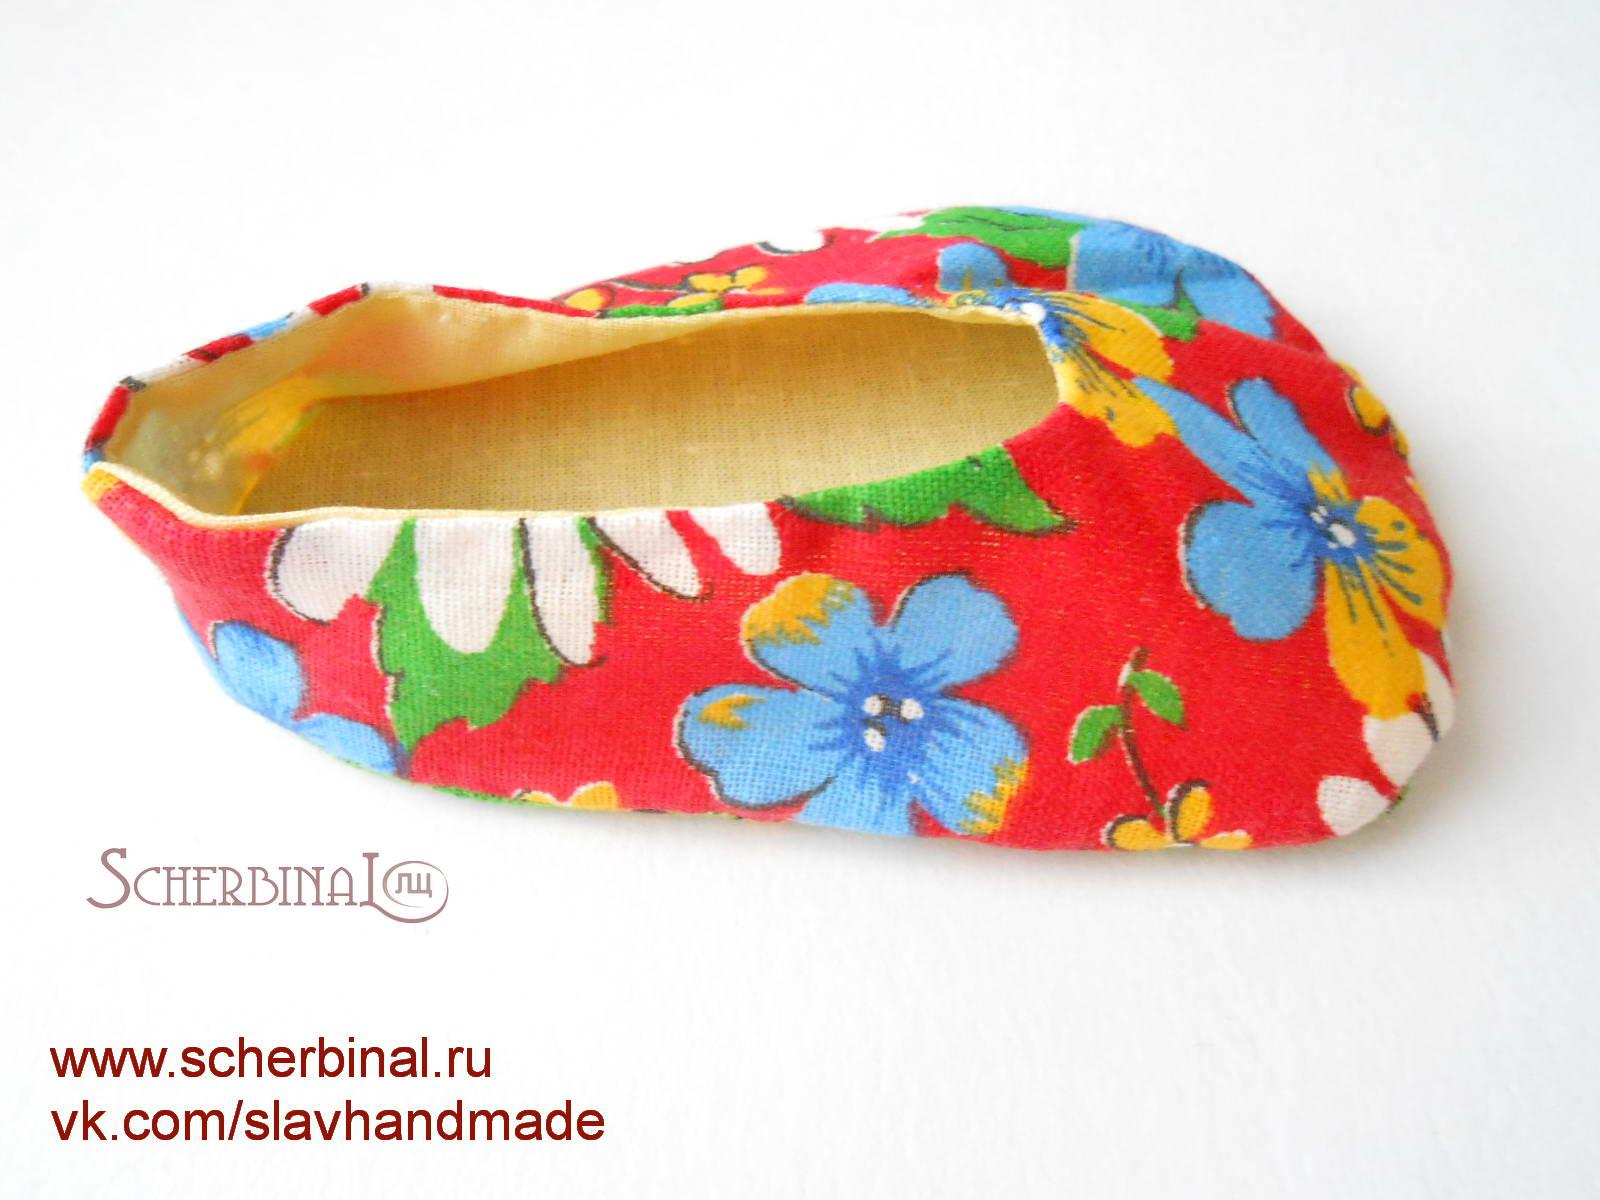 Шьем обувь для куклы мастер класс пошагово #7